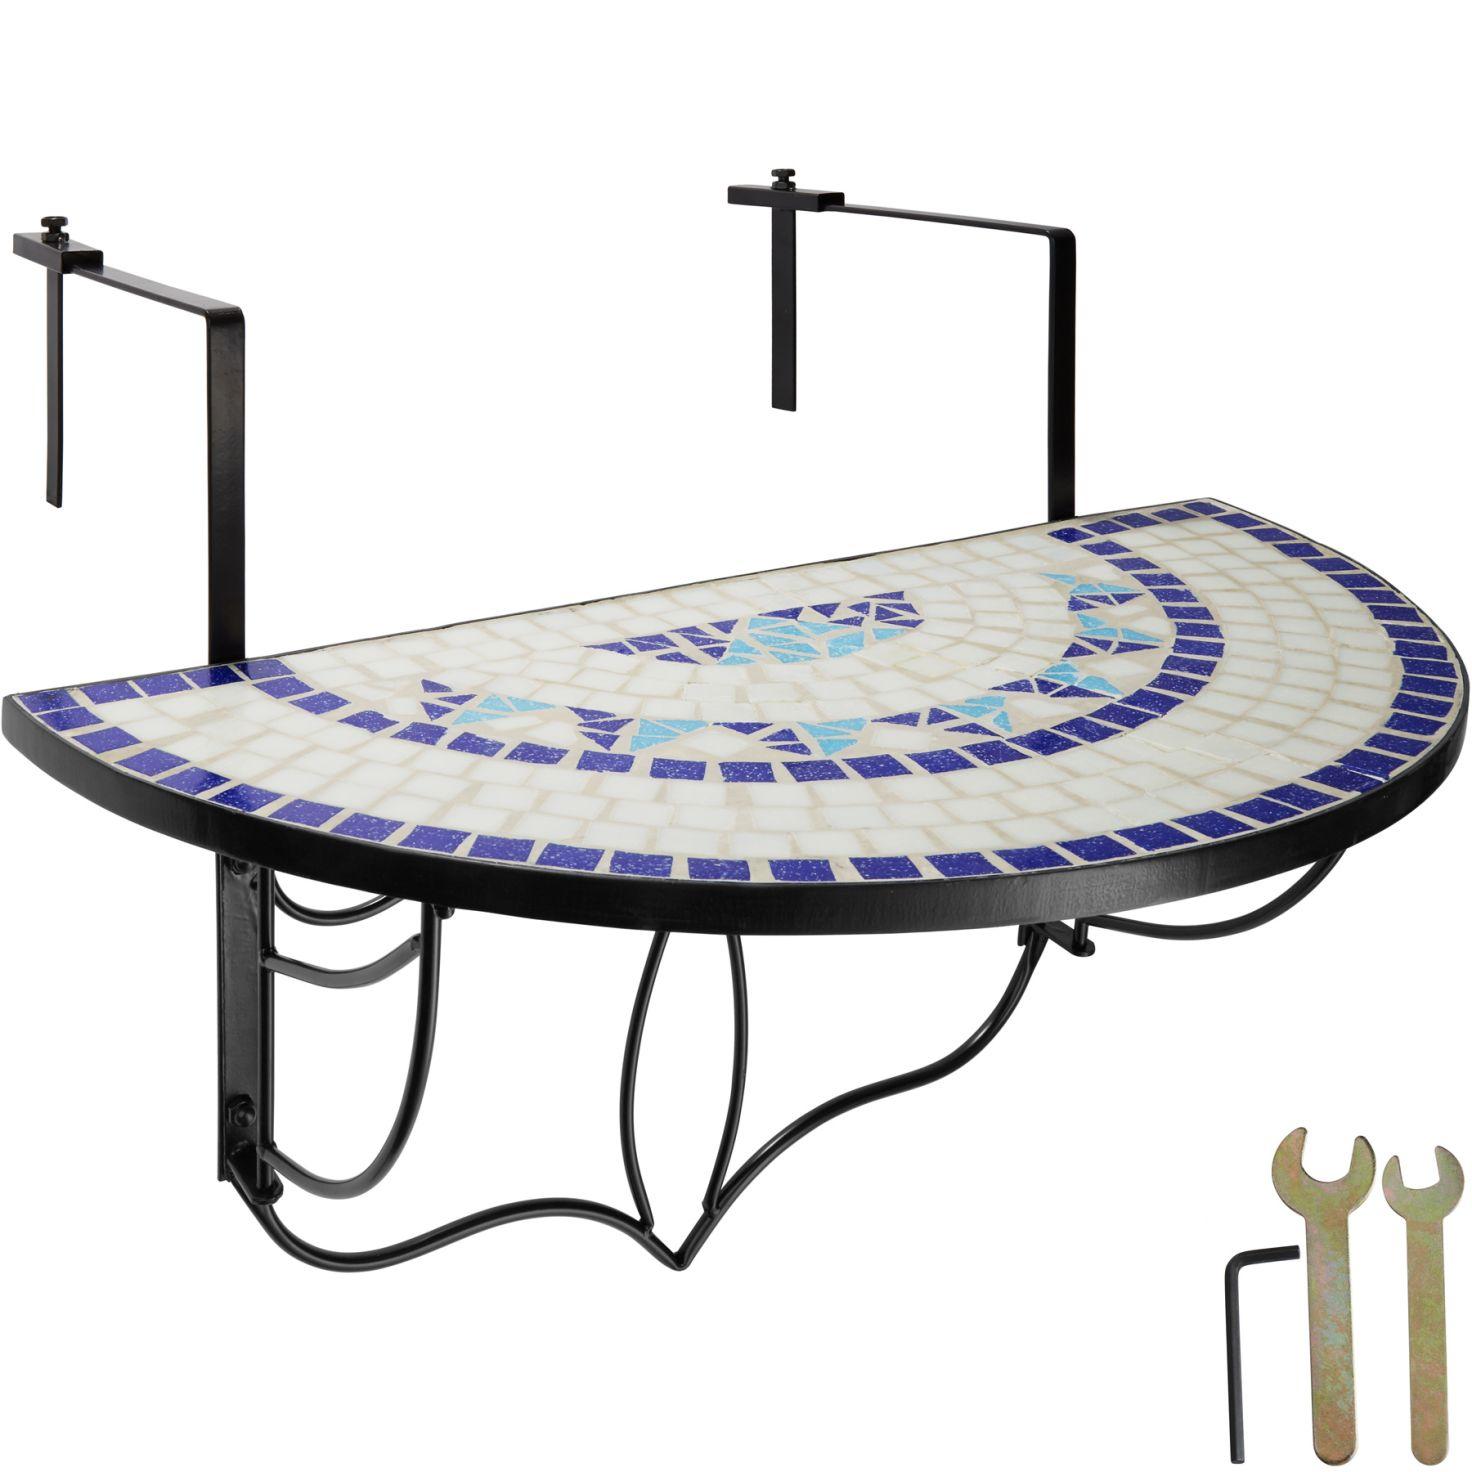 Full Size of Balkontisch Mosaik Klappbar Gnstig Online Kaufen Tectake Bett Ausklappbar Ausklappbares Wohnzimmer Balkontisch Klappbar